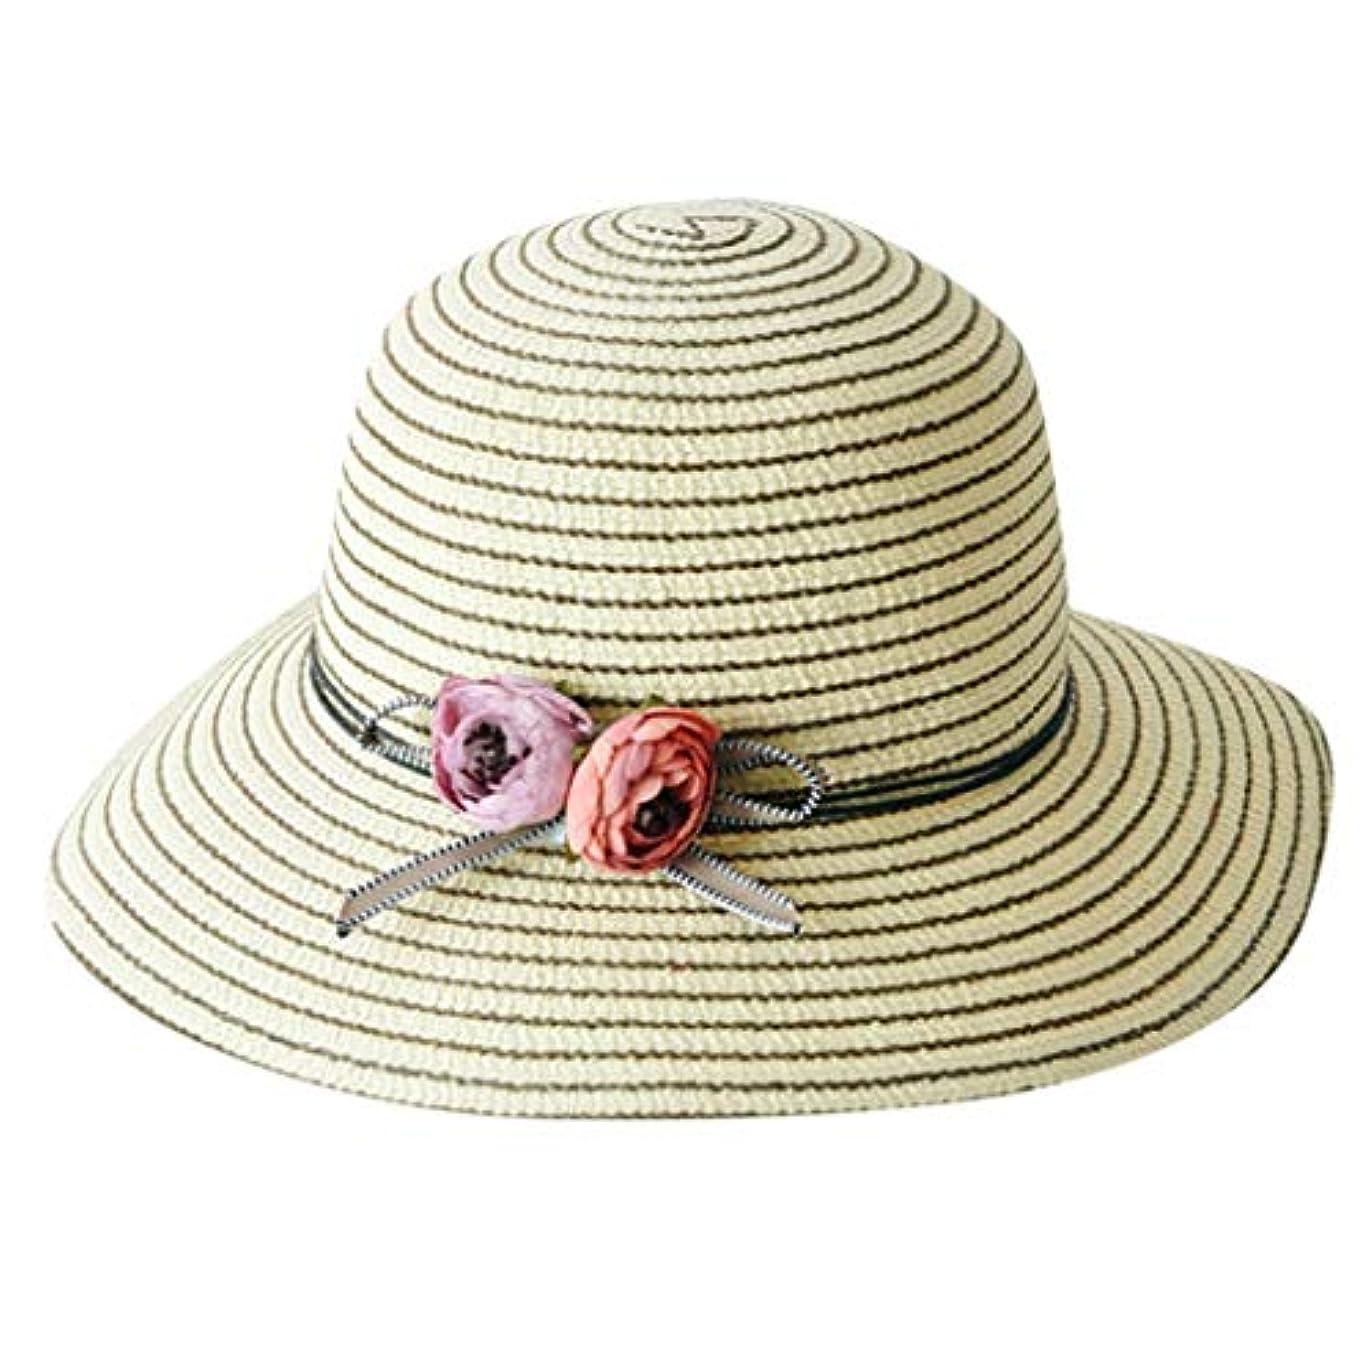 煩わしい激しいマトロン帽子 レディース 漁師帽 夏 UVカット 帽子 綿糸 ハット レディース 紫外線100%カット UV ハット 可愛い 小顔効果抜群 日よけ 折りたたみ つば広 小顔効果抜群 折りたたみ 海 旅行 ROSE ROMAN